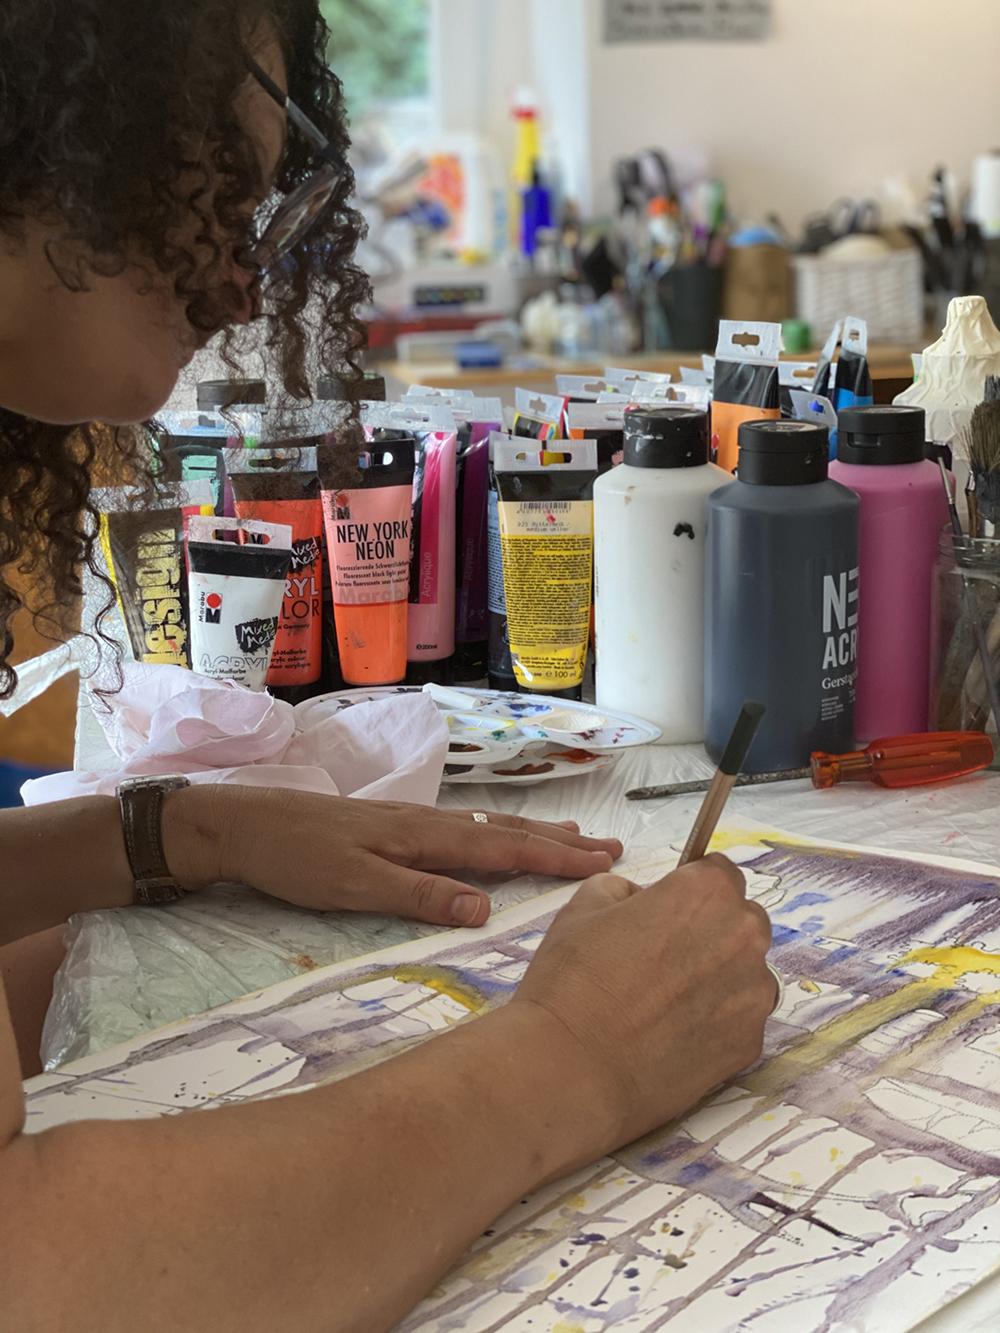 Ateliers LA POCHE lieu d'art